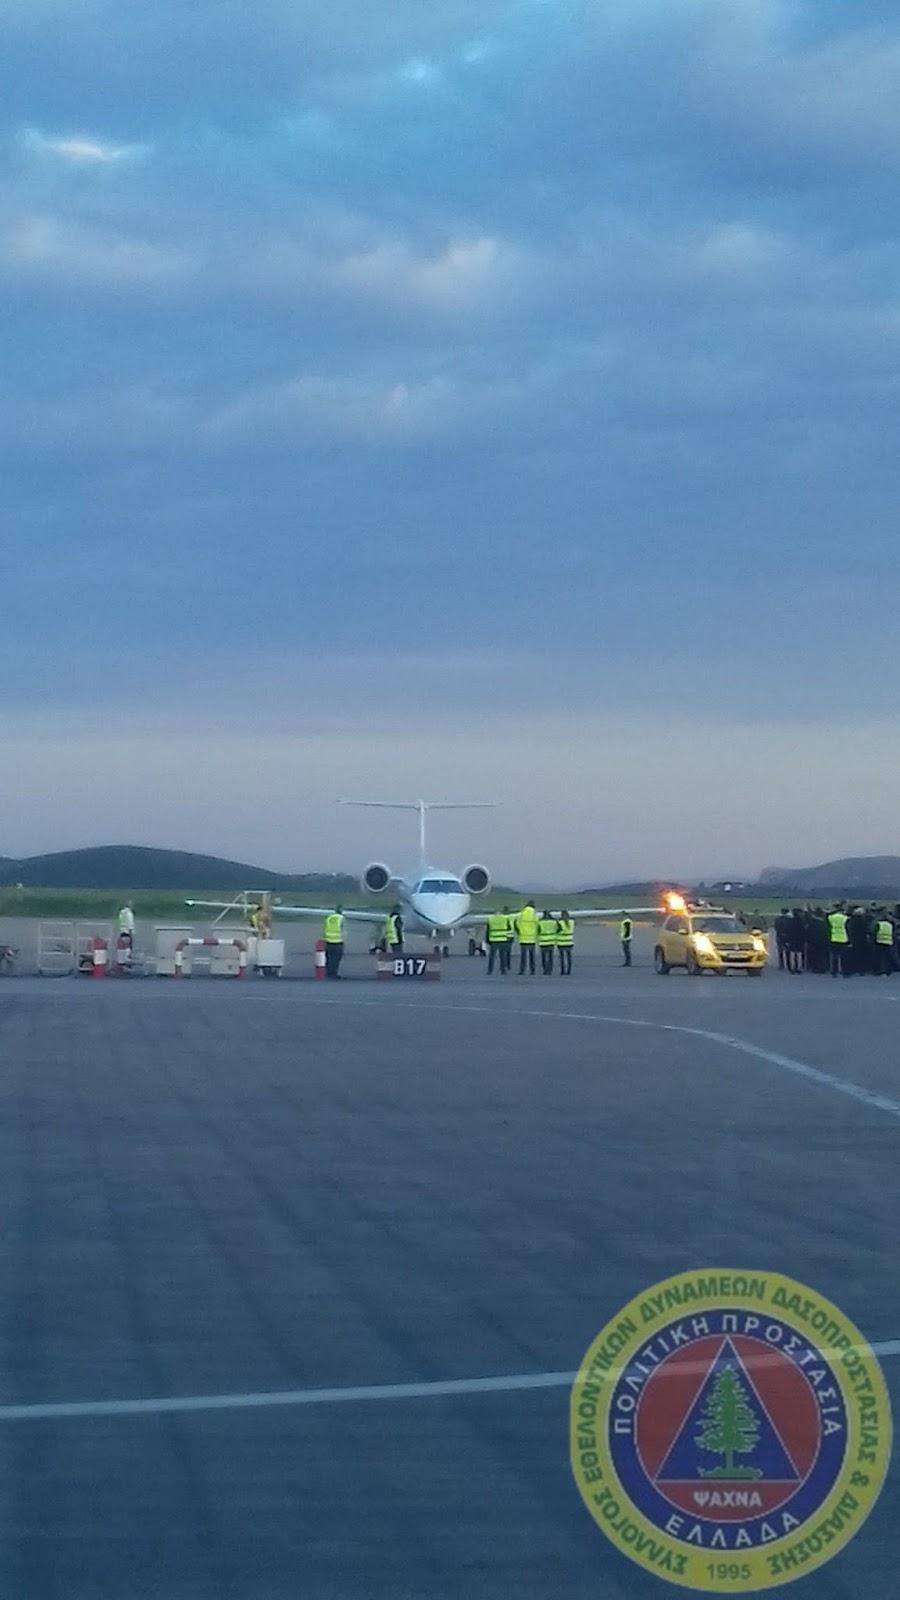 Εθελοντές του ΣΕΔΔΔ Ψαχνών έφεραν το «Άγιο φως» από το αεροδρόμιο σε Χαλκίδα-Μακρυμάλλη και Ψαχνά 20180407 192758